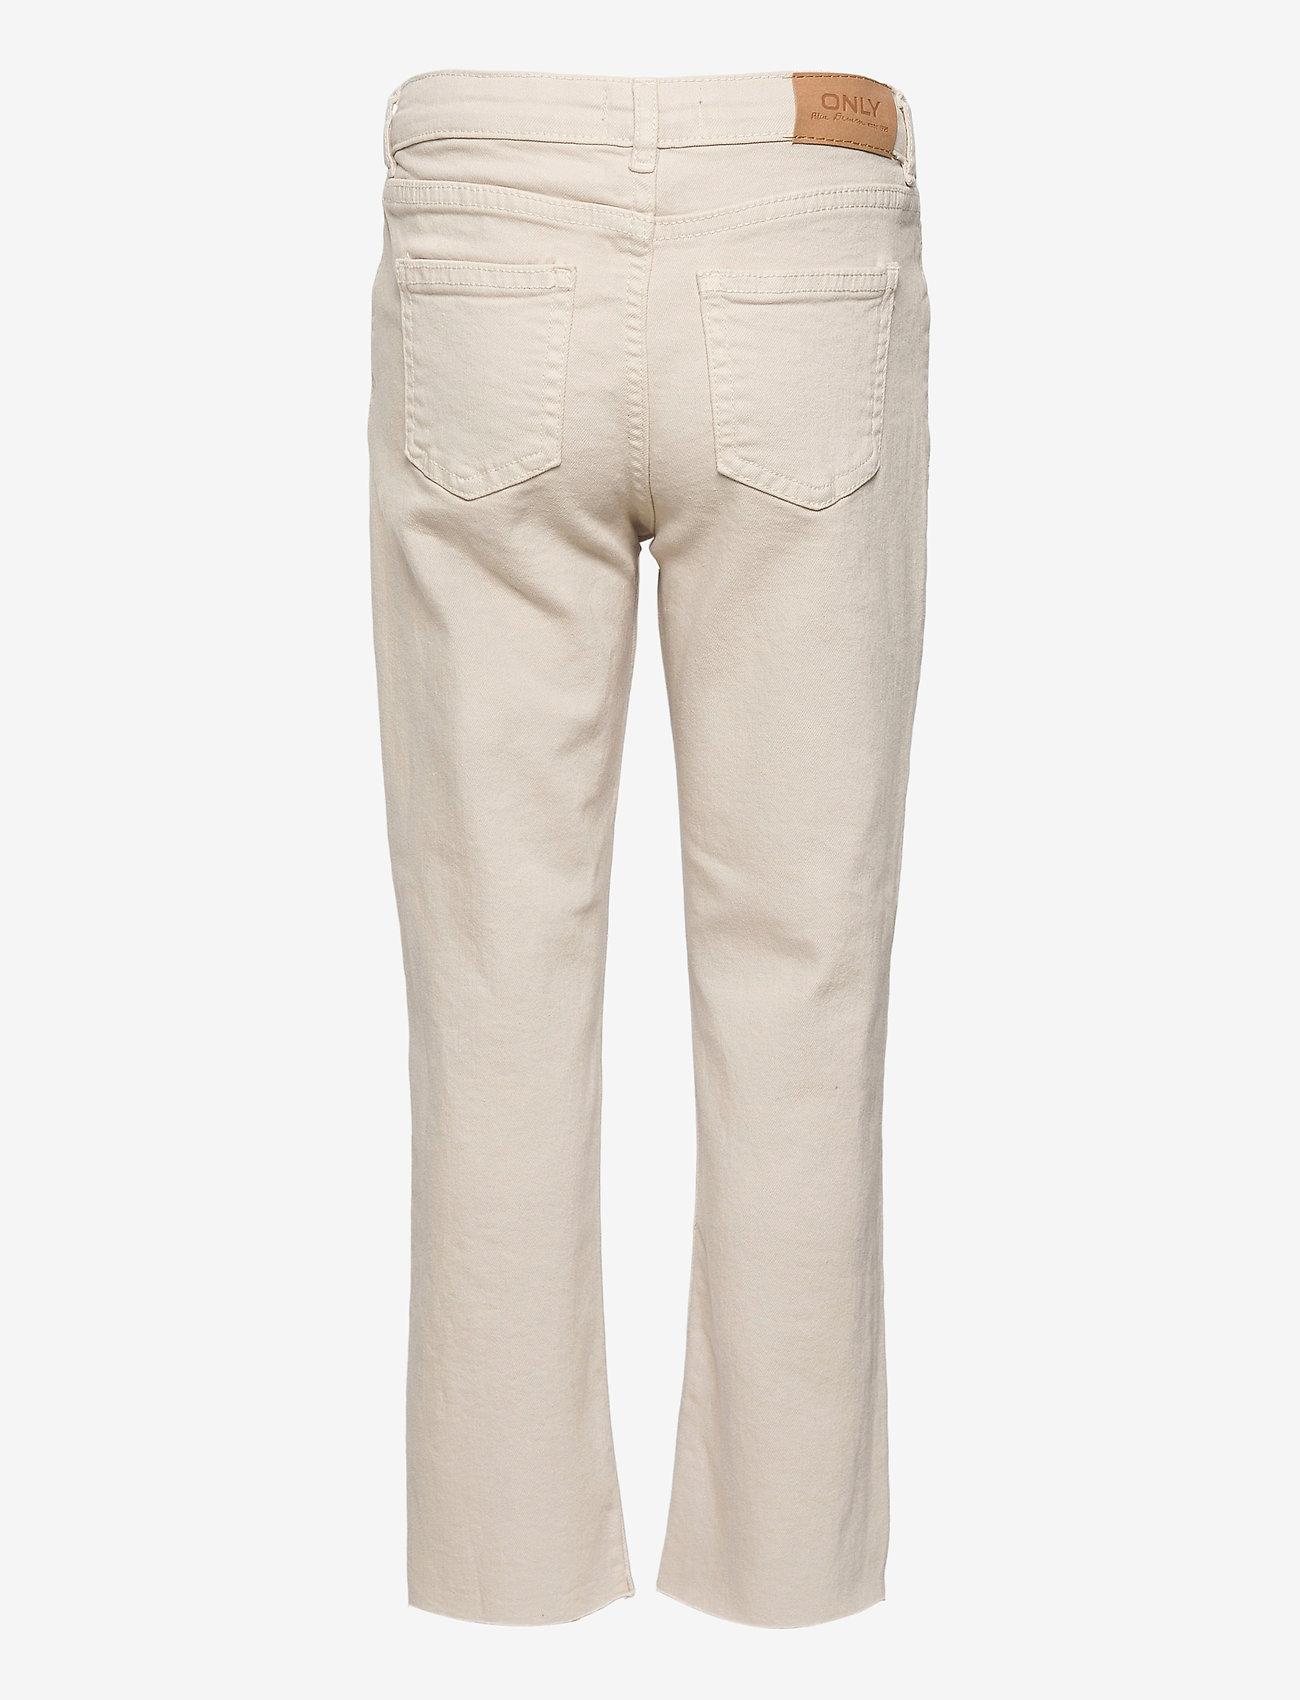 Kids Only - KONEMILY ST ECRU RAW EDGE PANT PNT - jeans - ecru - 1